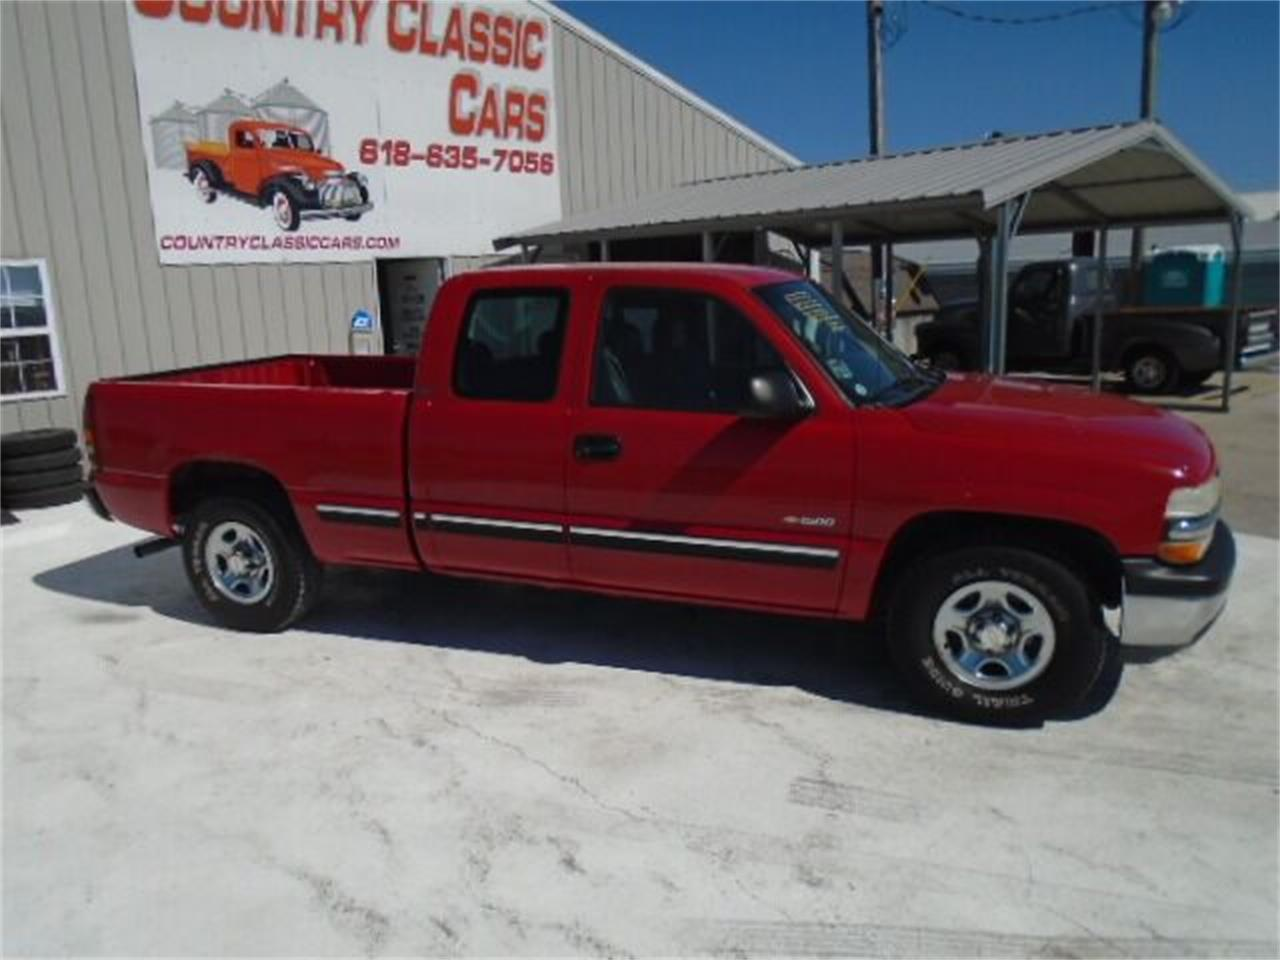 2001 Chevrolet Silverado (CC-1393165) for sale in Staunton, Illinois